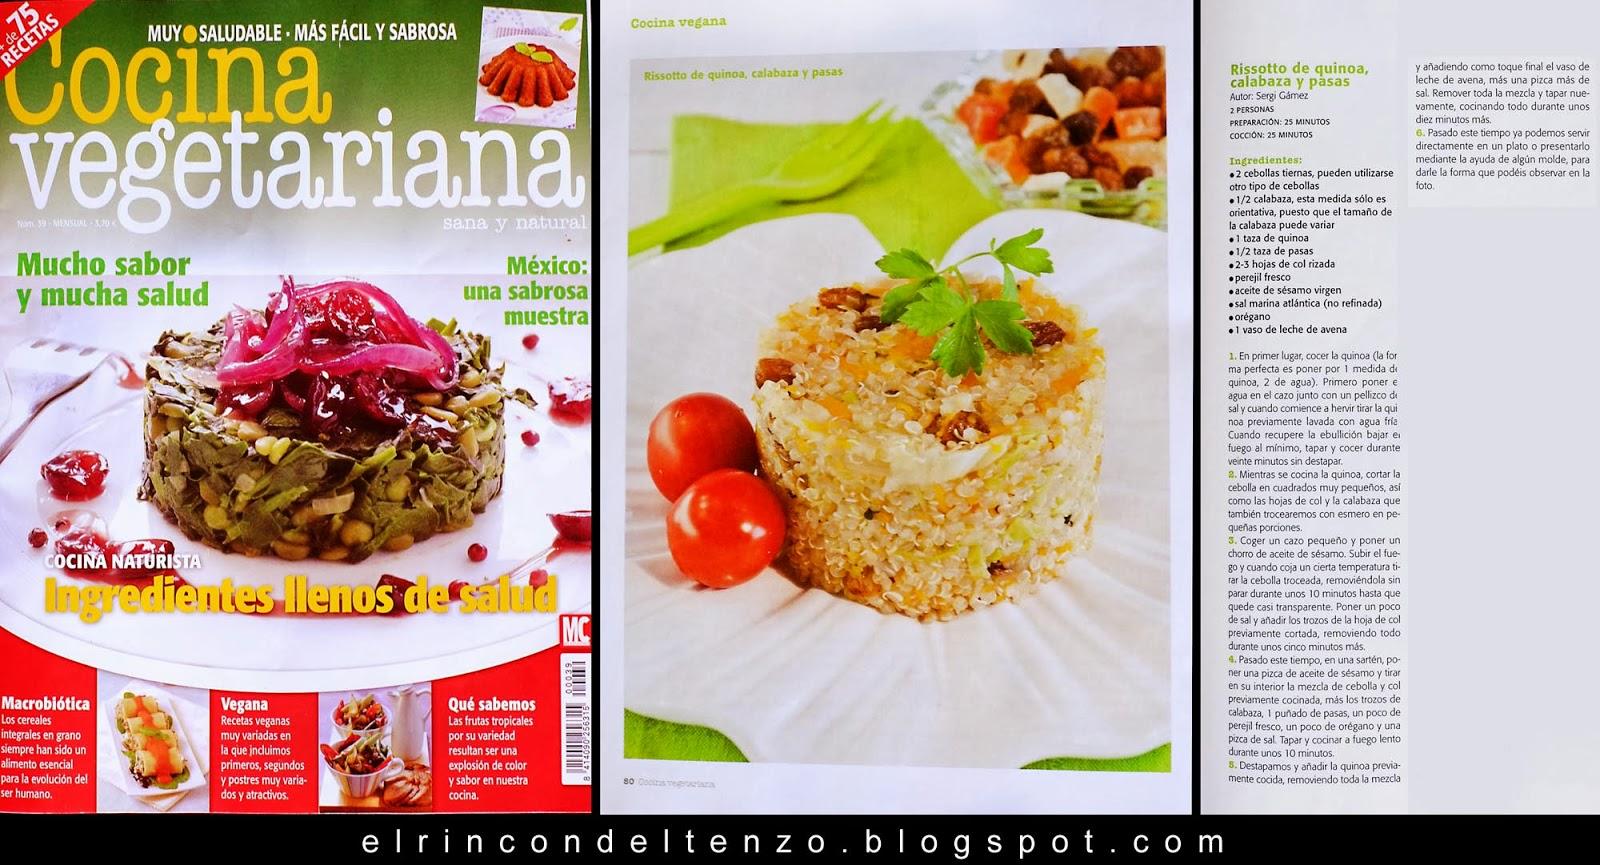 El rinc n del tenzo el rinc n del tenzo en la revista - Escuela de cocina vegetariana ...